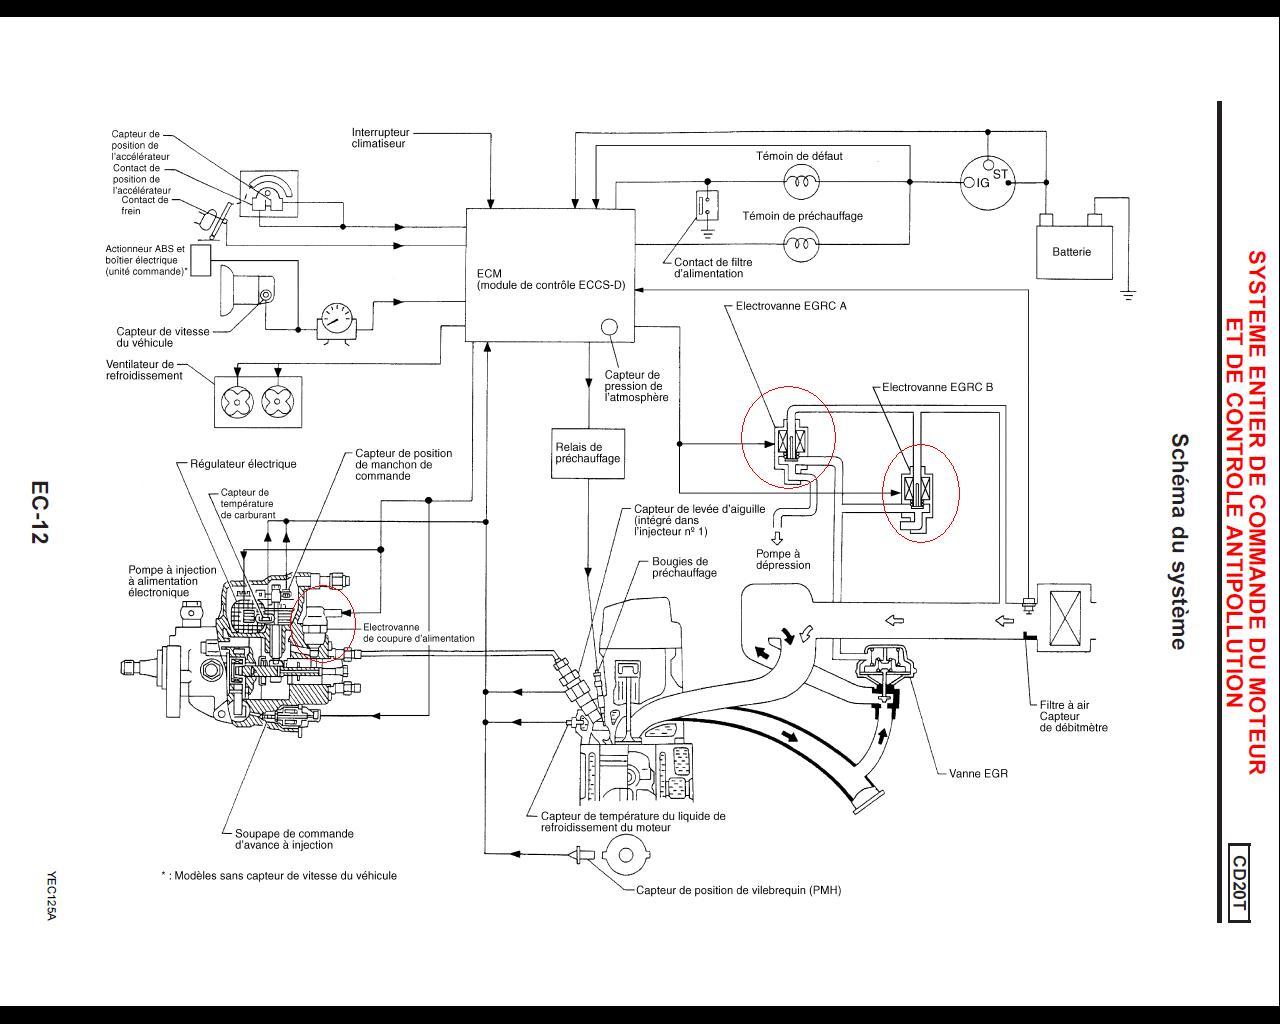 Panne intermitente primera 2 0 td moteur page 2 nissan g n ration 90 - Moteur lit electrique en panne ...